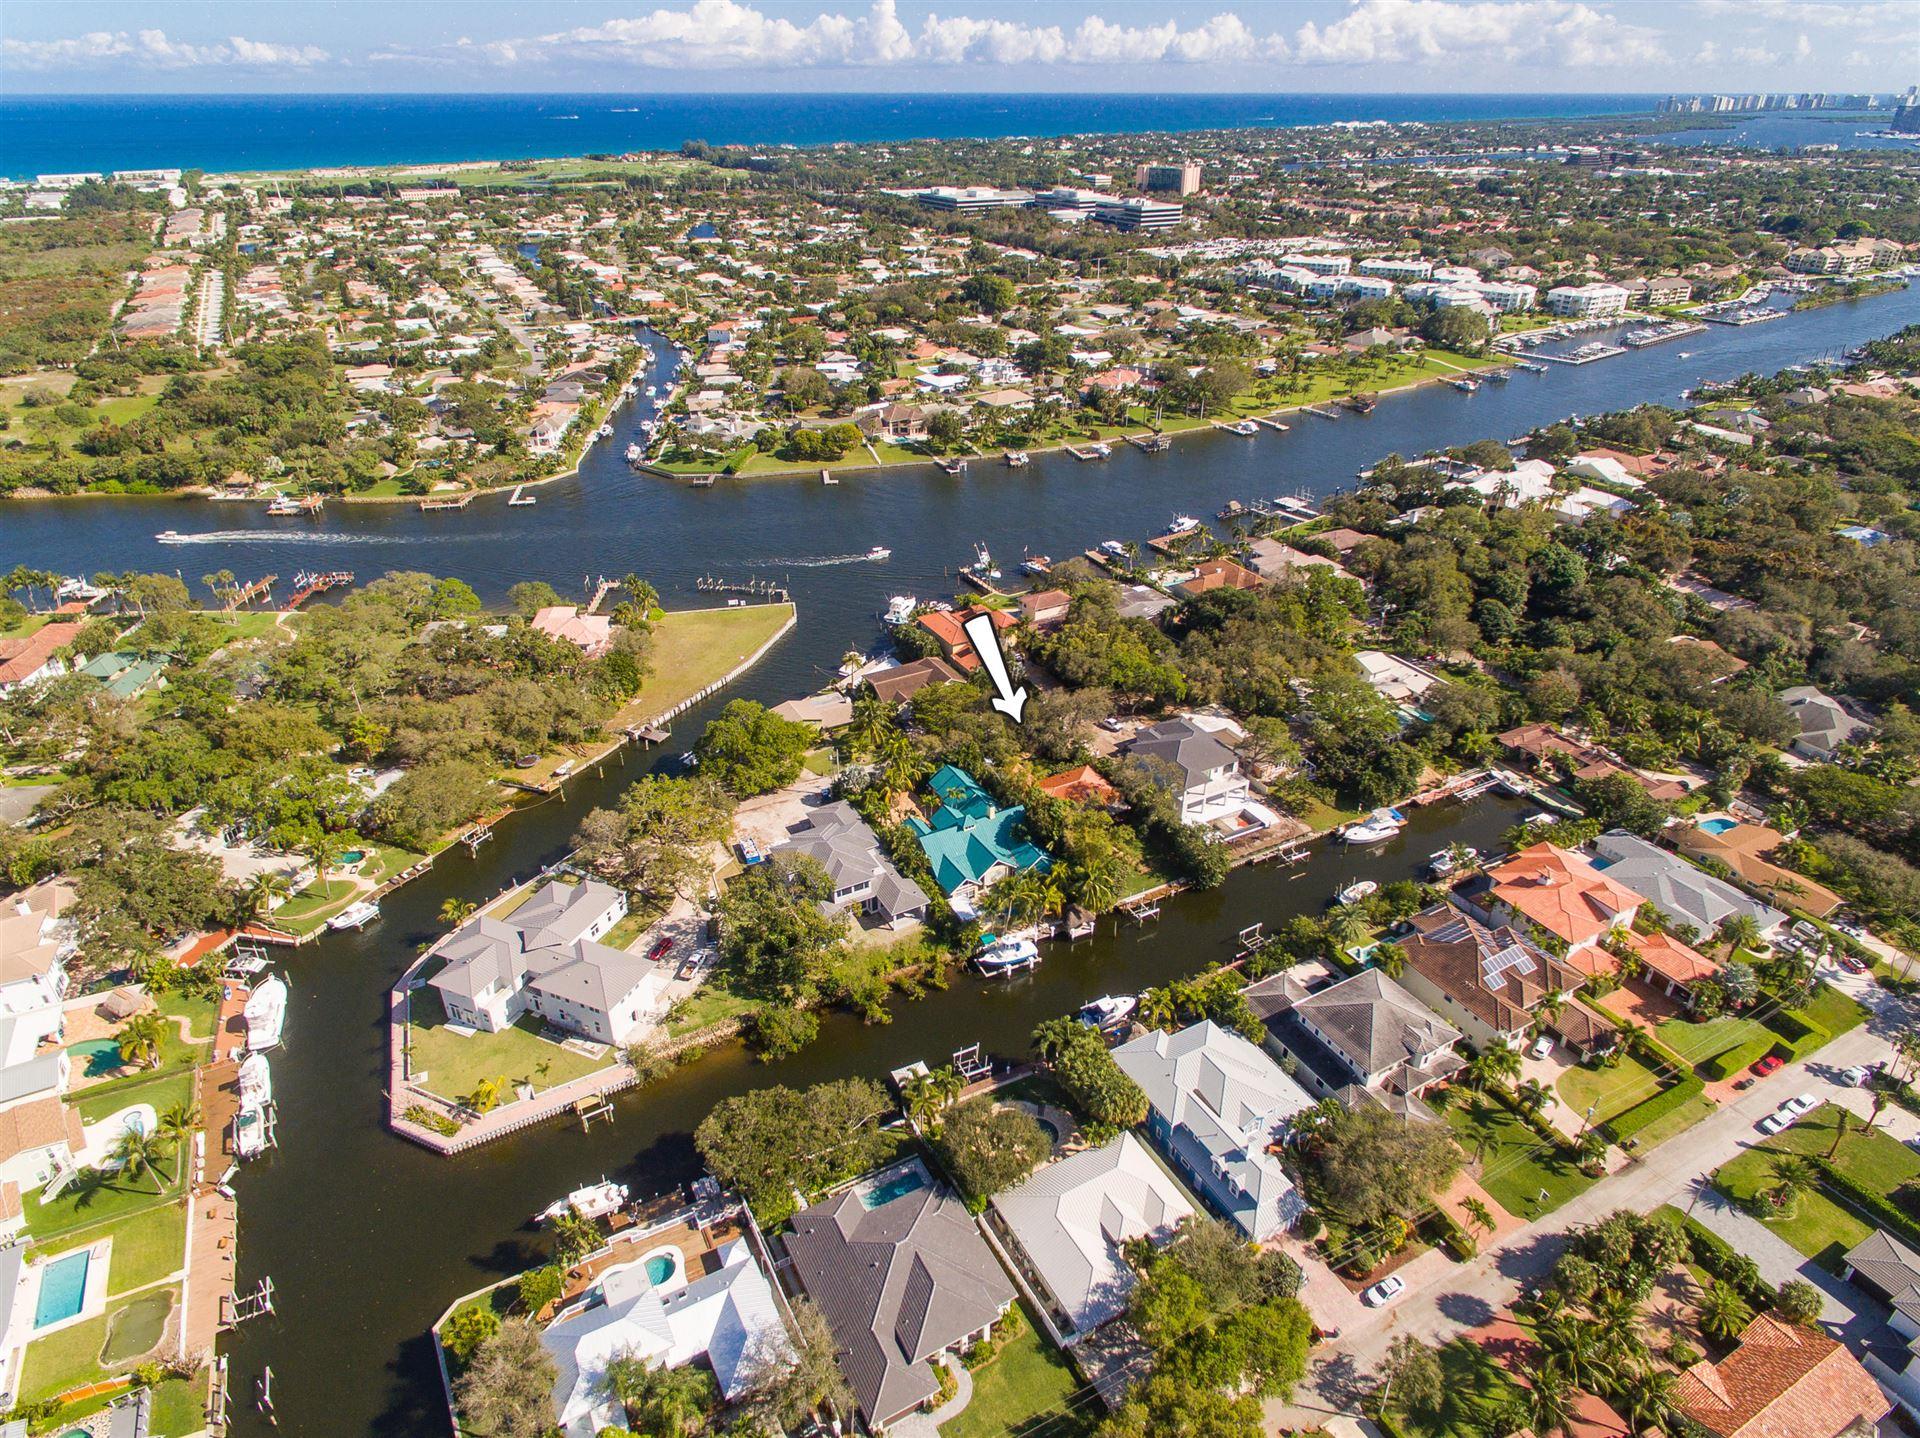 12877 S Shore Drive, Palm Beach Gardens, FL 33410 - #: RX-10594421